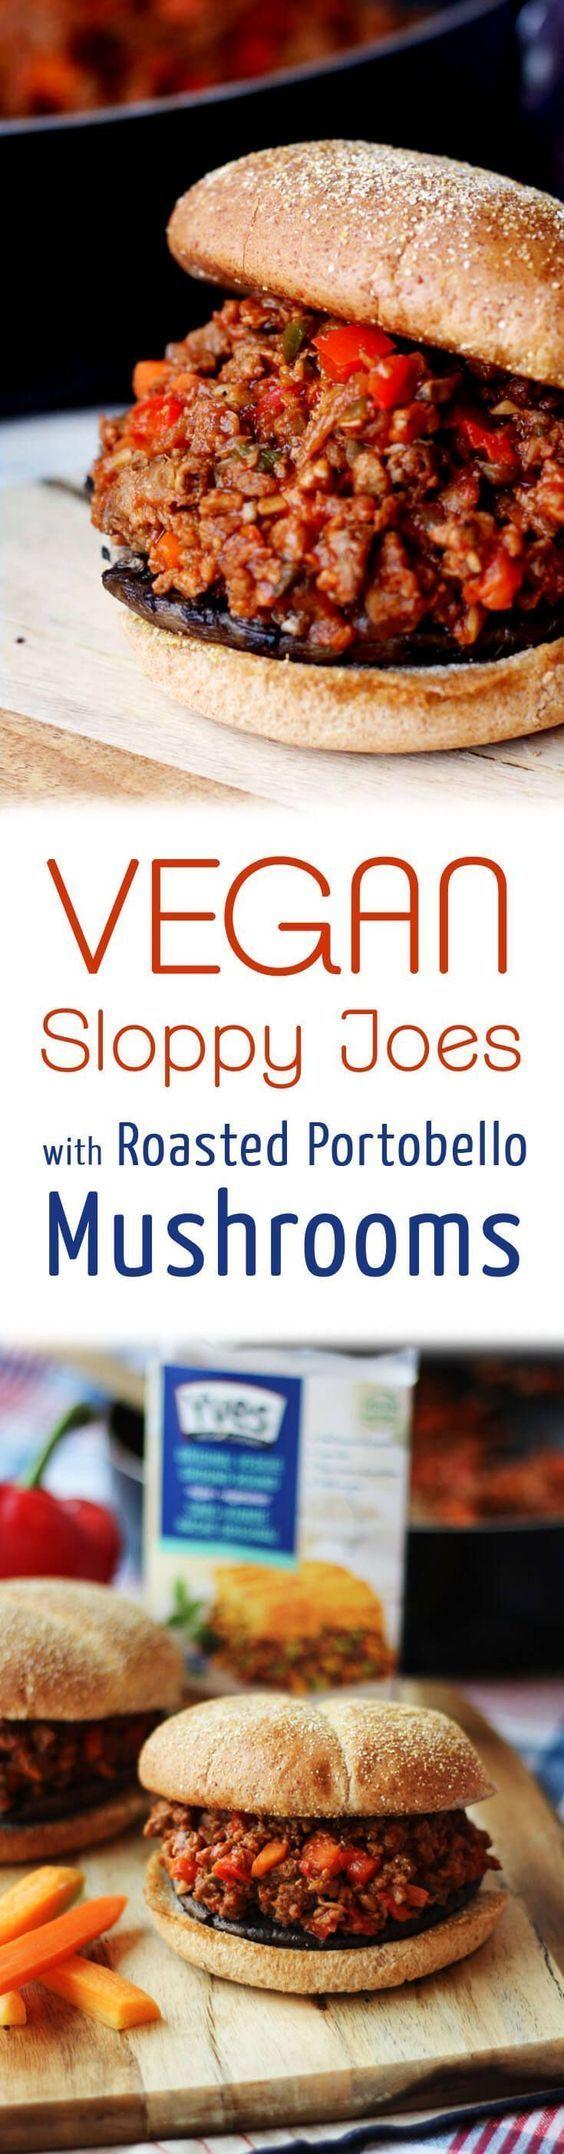 Vegan Sloppy Joes https://www.changeinseconds.com/vegan-sloppy-joes/